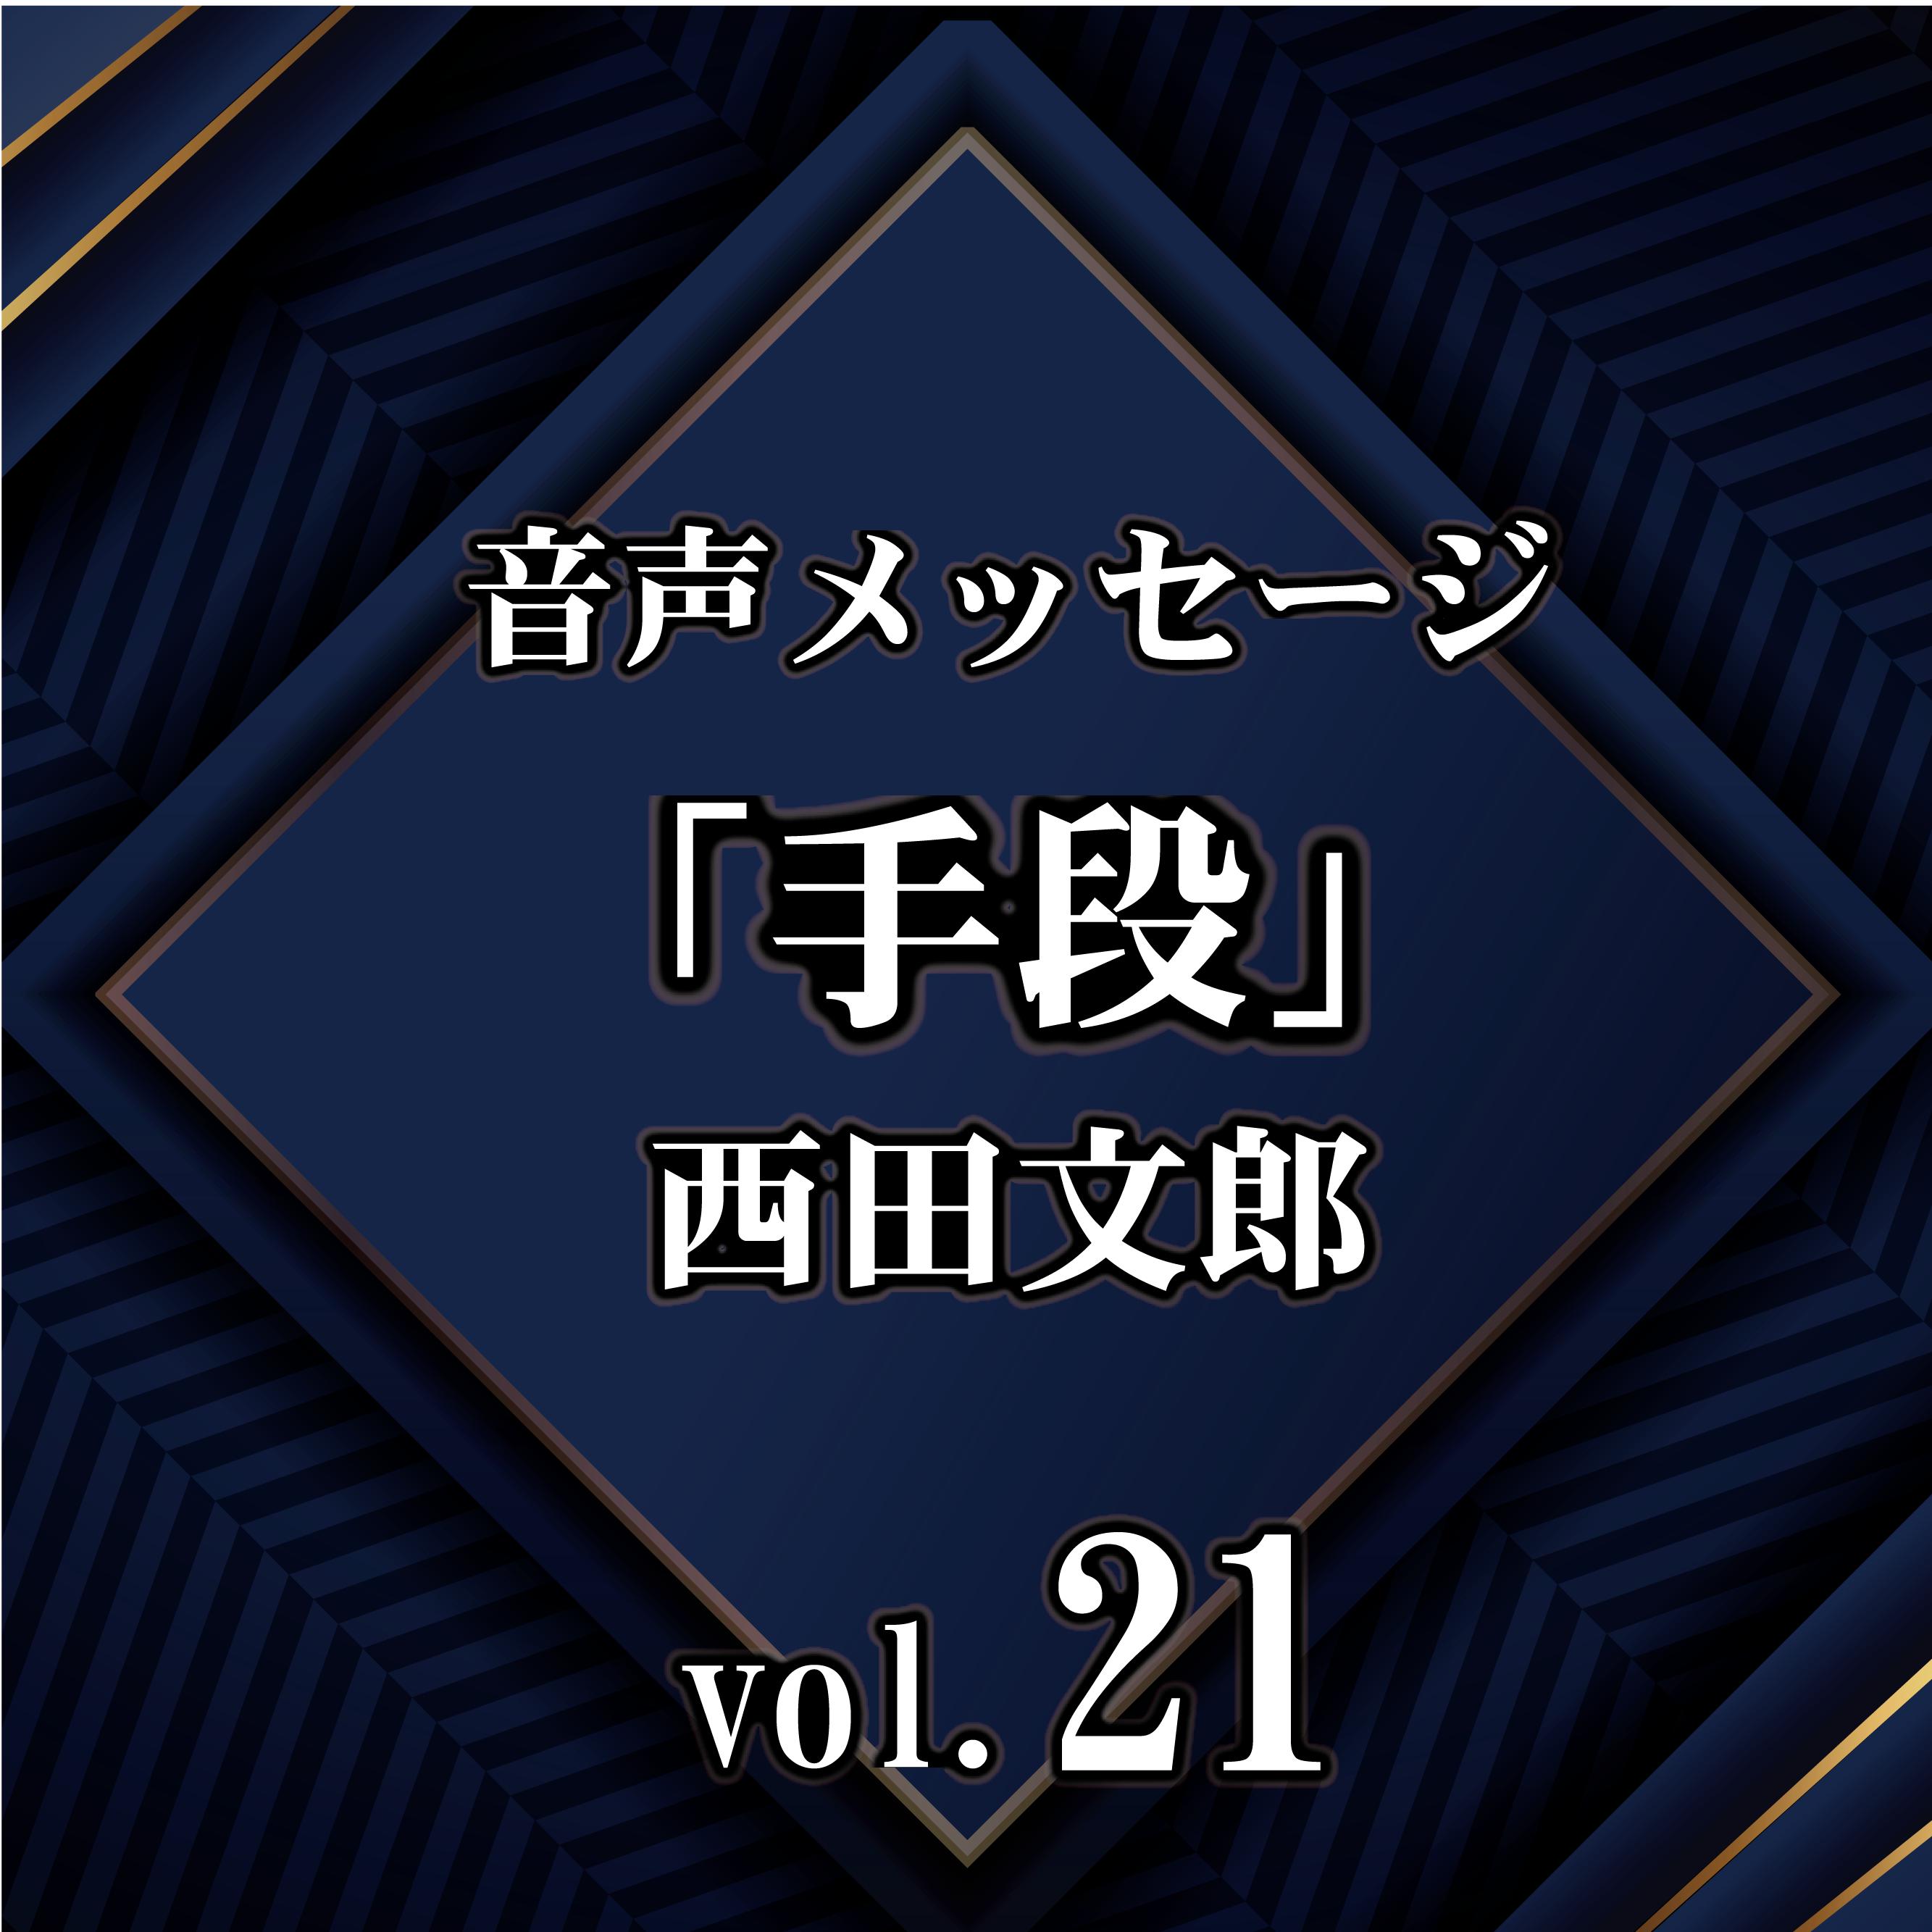 西田文郎 音声メッセージvol.21『手段』